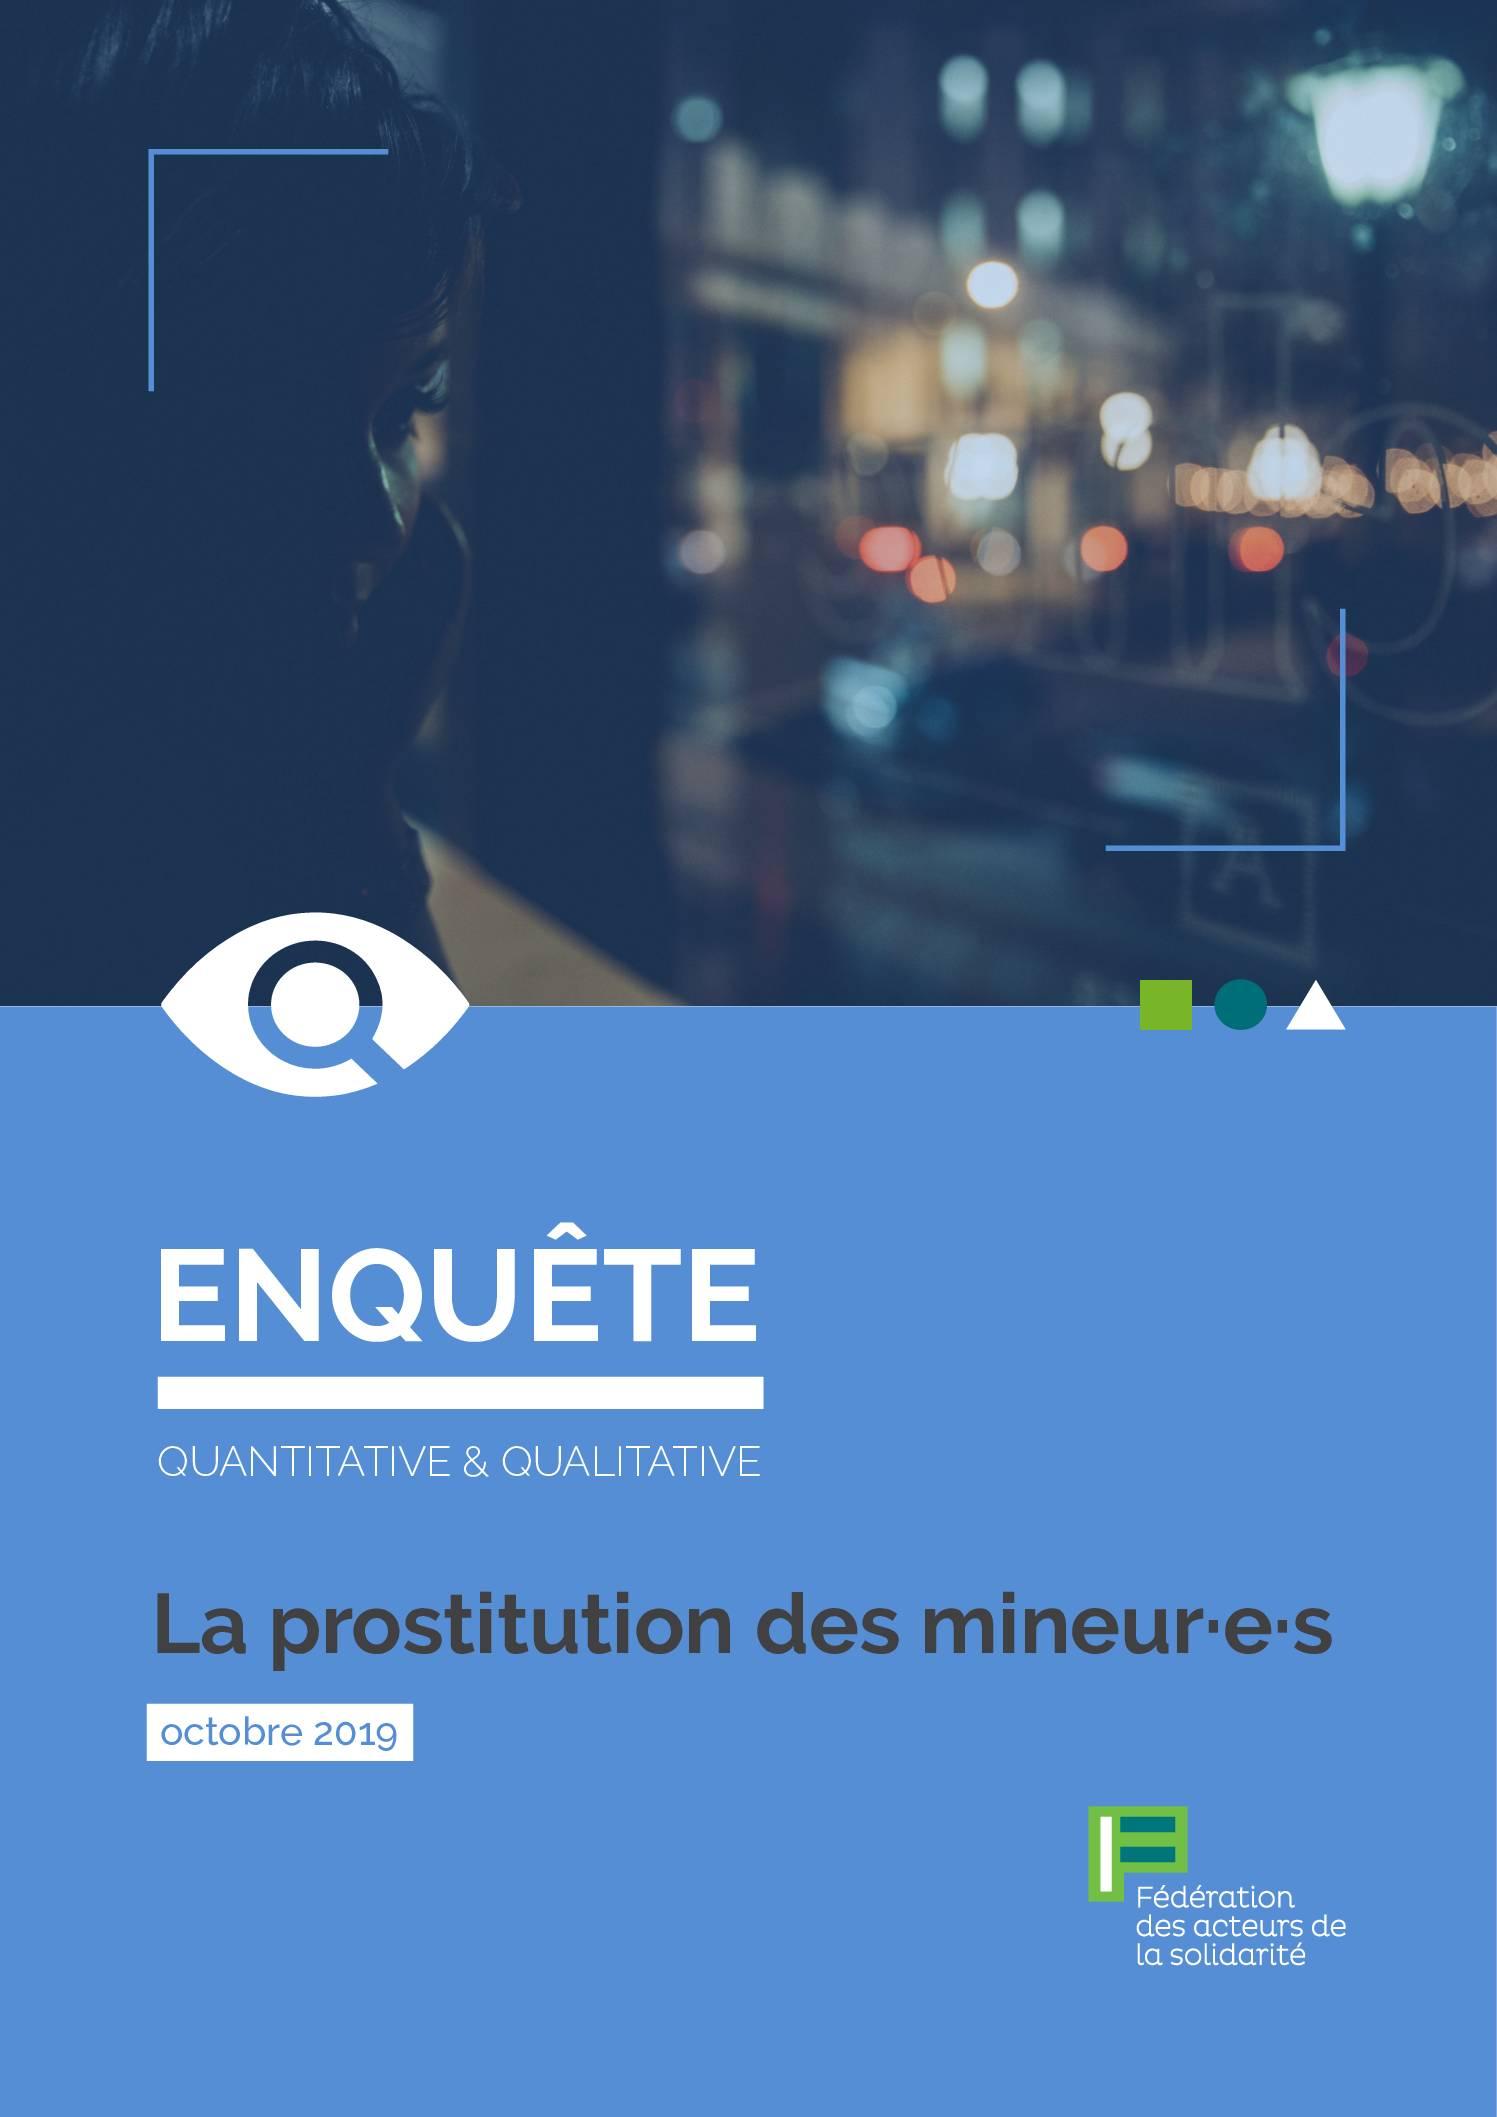 La prostitution des mineur·e·s